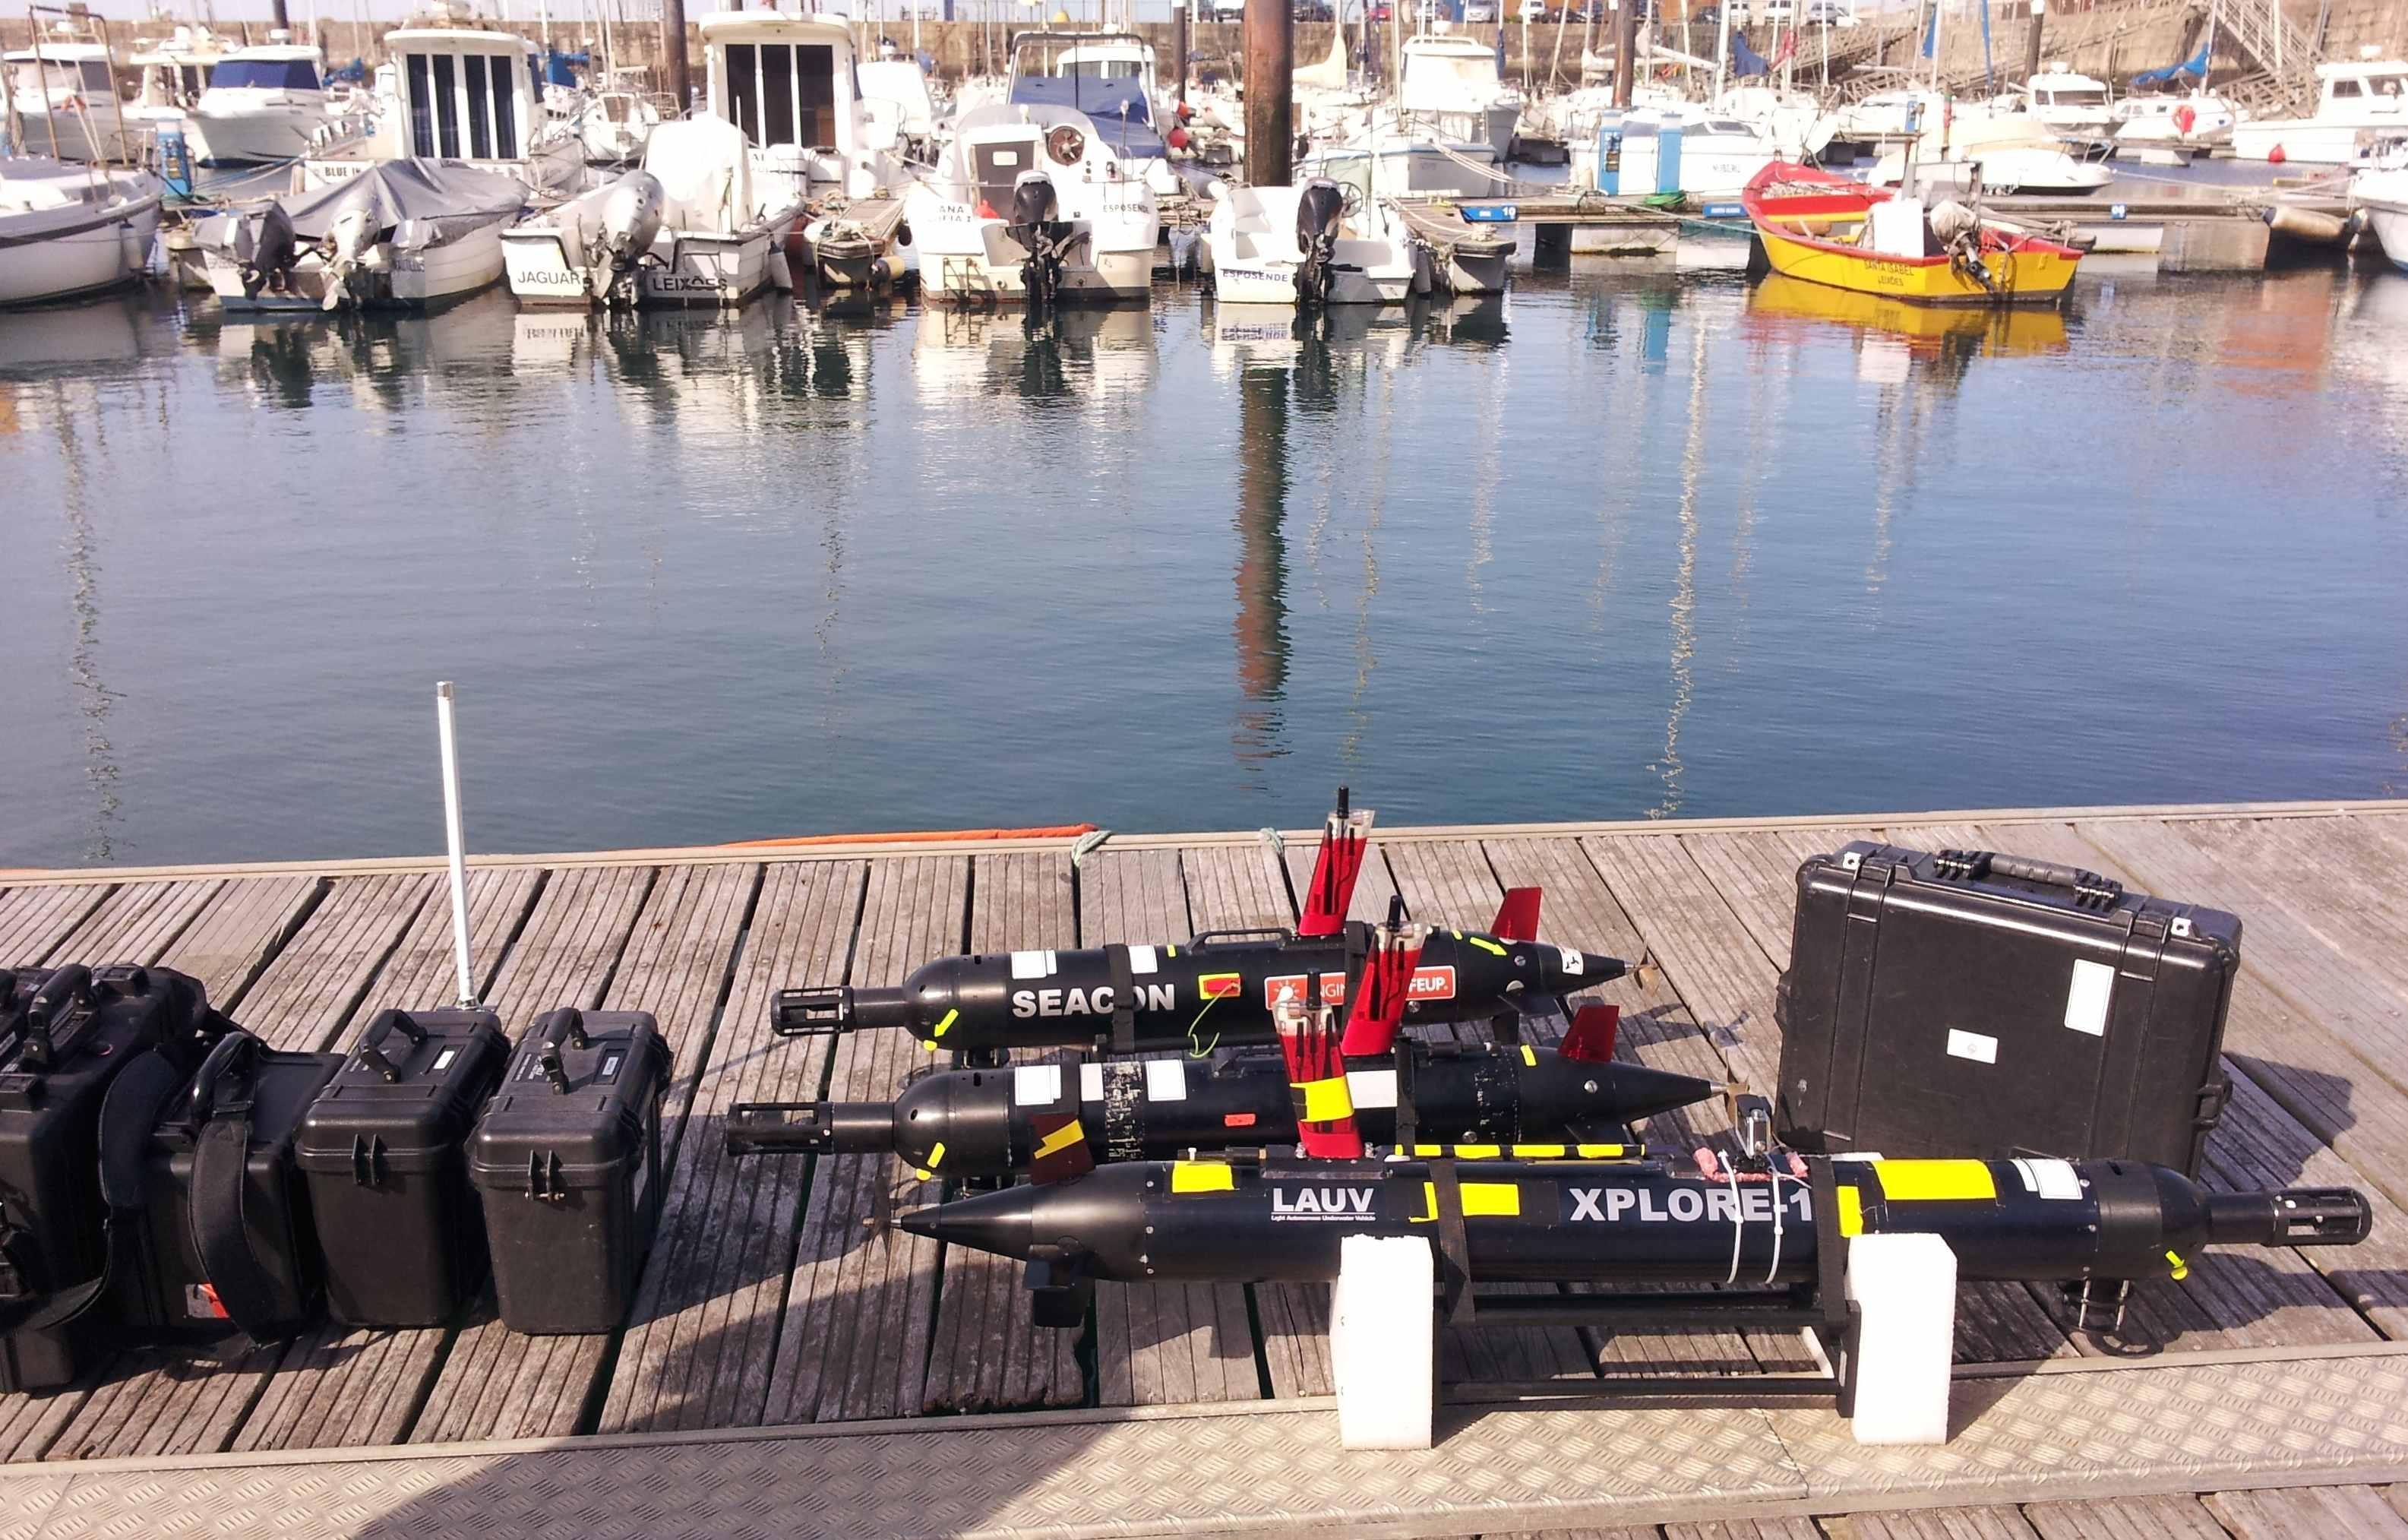 AUVs da FEUP e Manta, gateways de comunicação prontos para as operações no Porto de Leixões